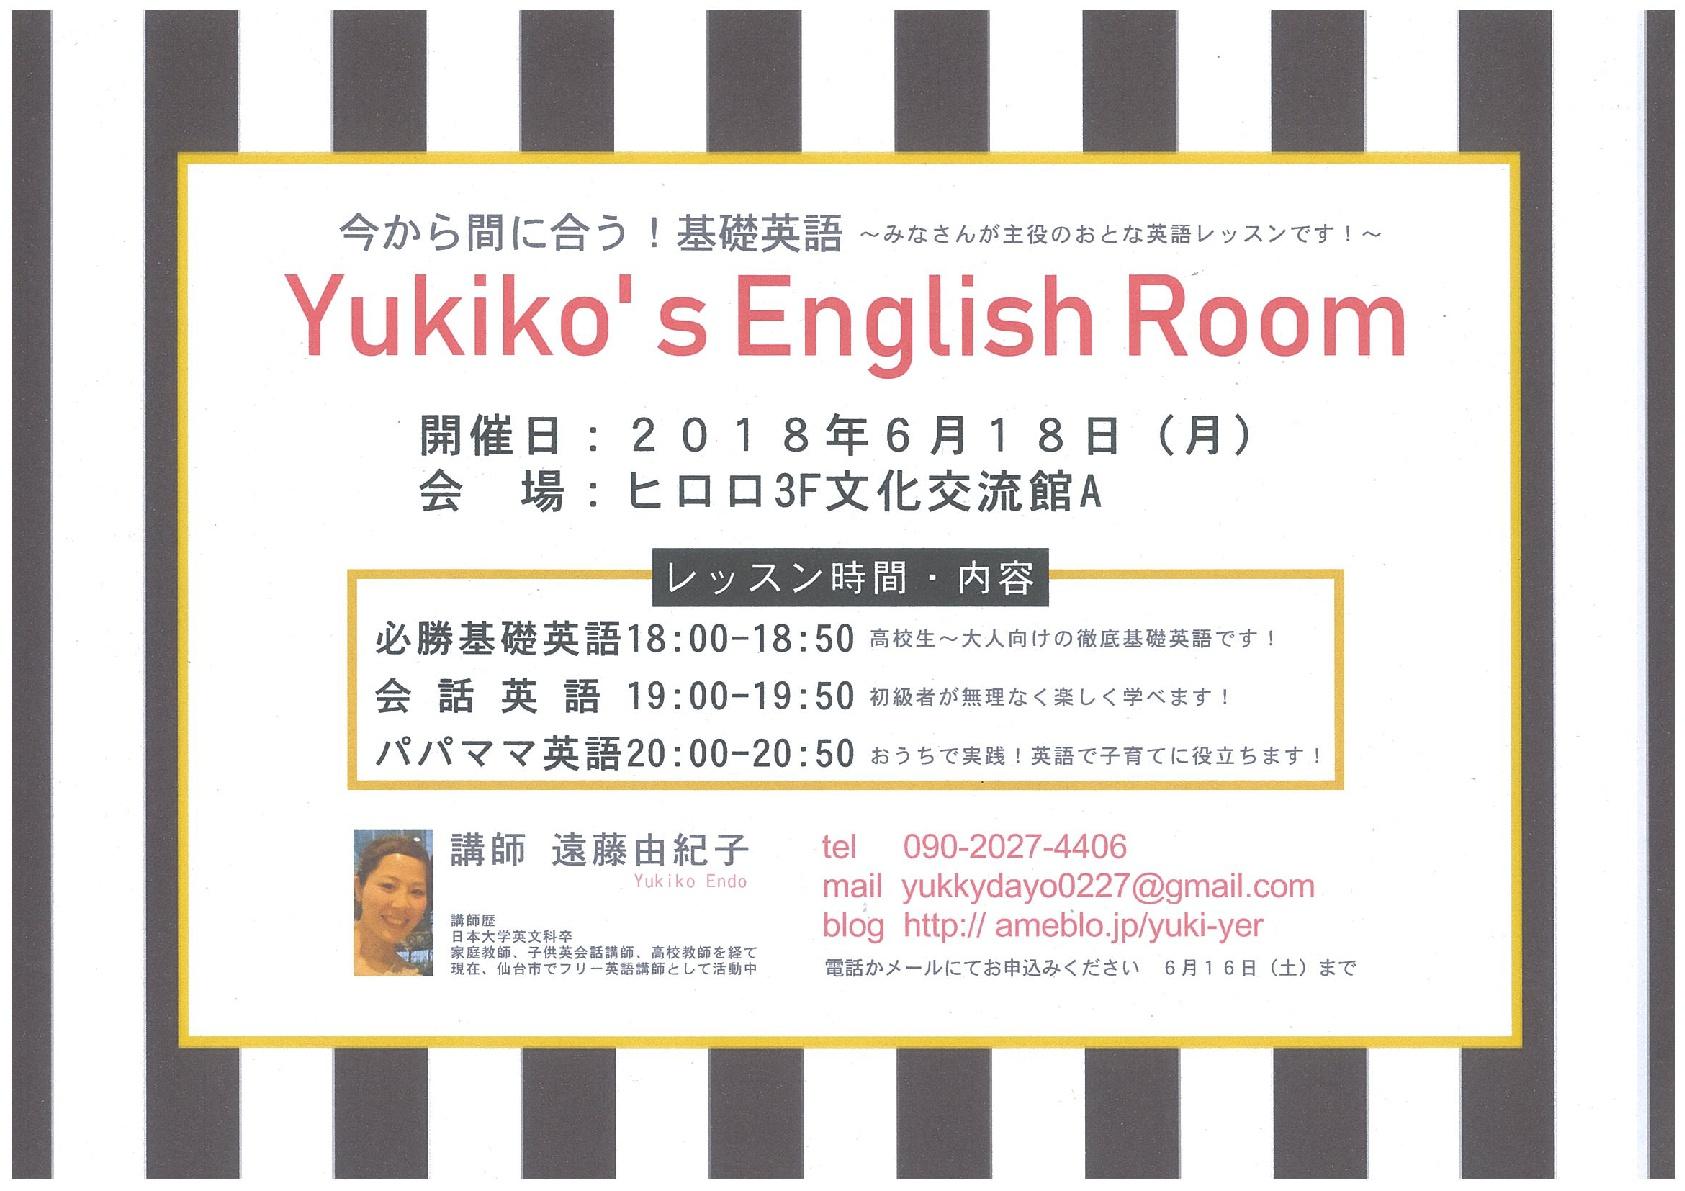 Yukiko's English Room チラシ